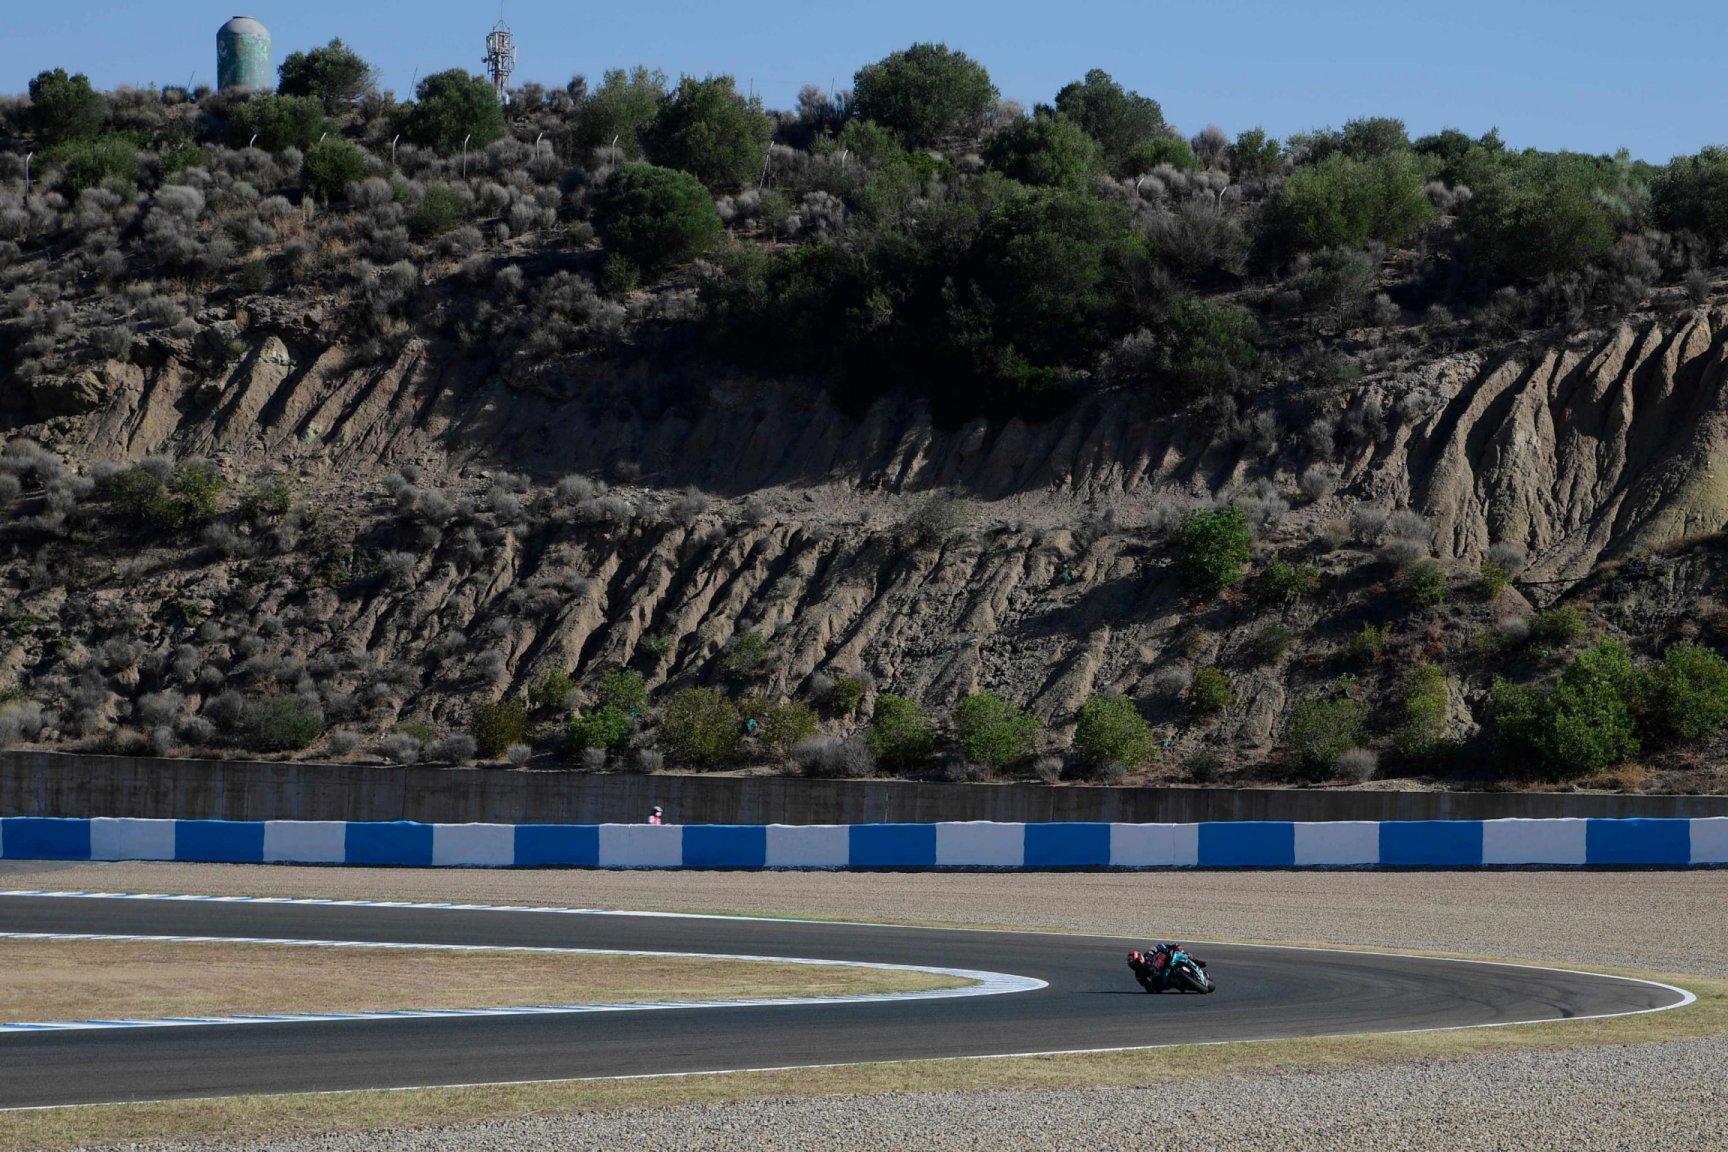 Sky Sport MotoGP, Diretta Gp Spagna (16 - 19 Luglio 2020). In chiaro differita TV8